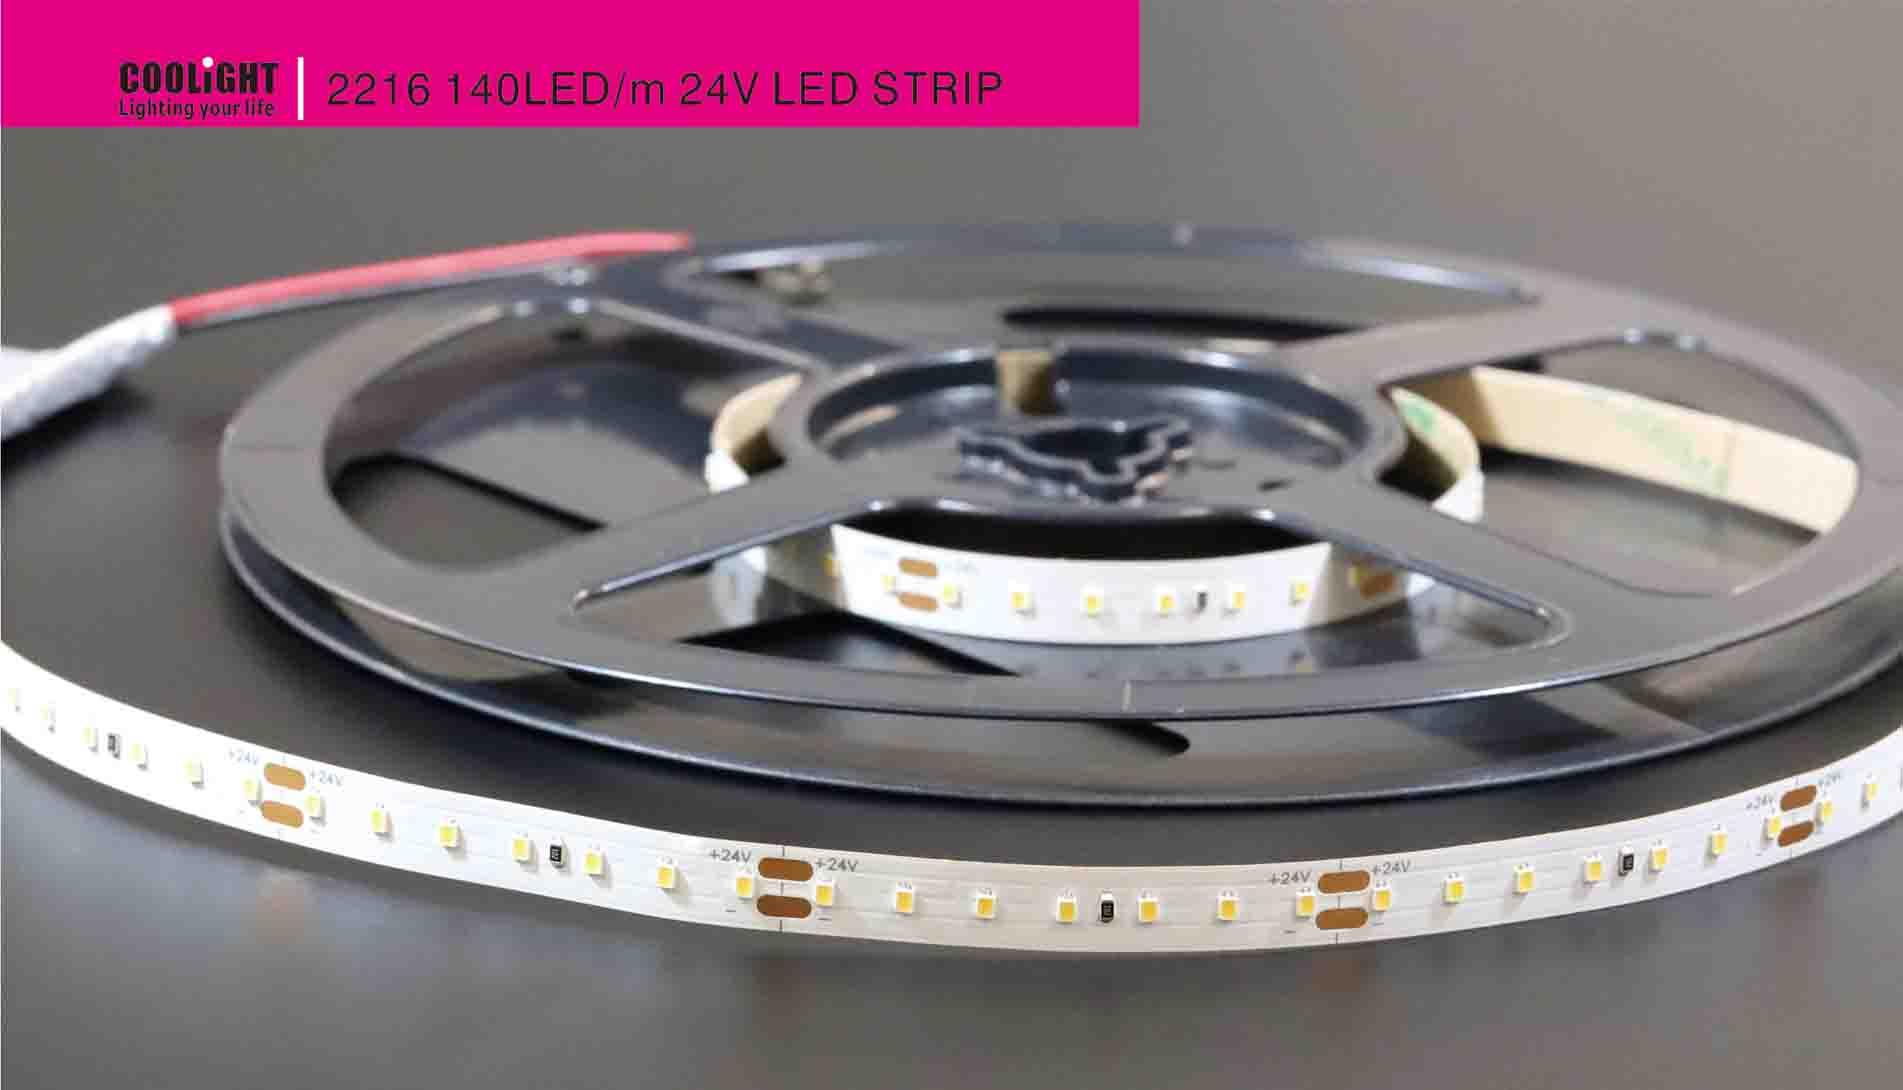 2216 140led/m 24v led strip